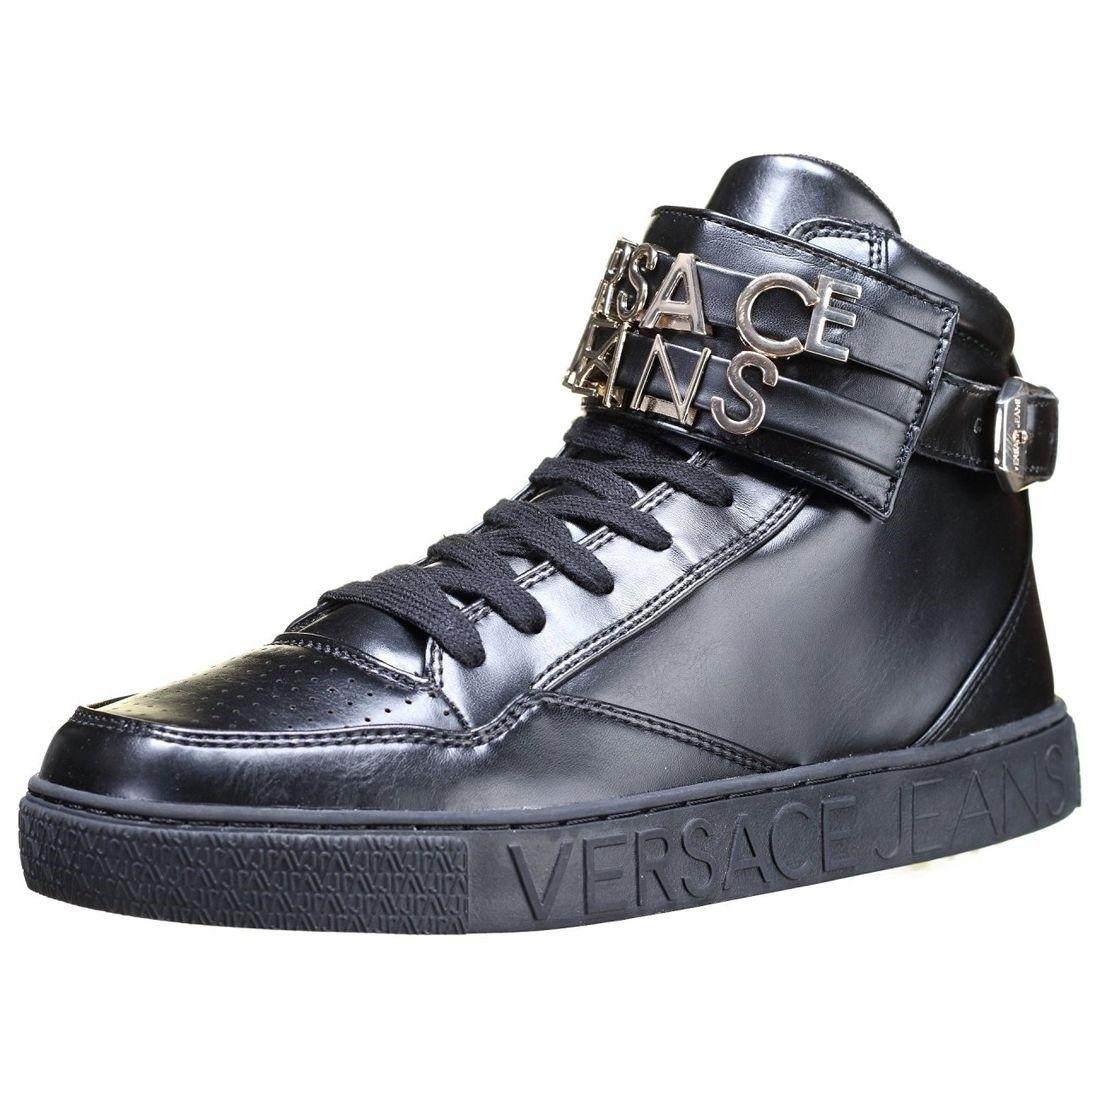 1a7d150c2 e0yobse3 homme versace jeans e0yobse3 | À acheter | Versace jeans ...